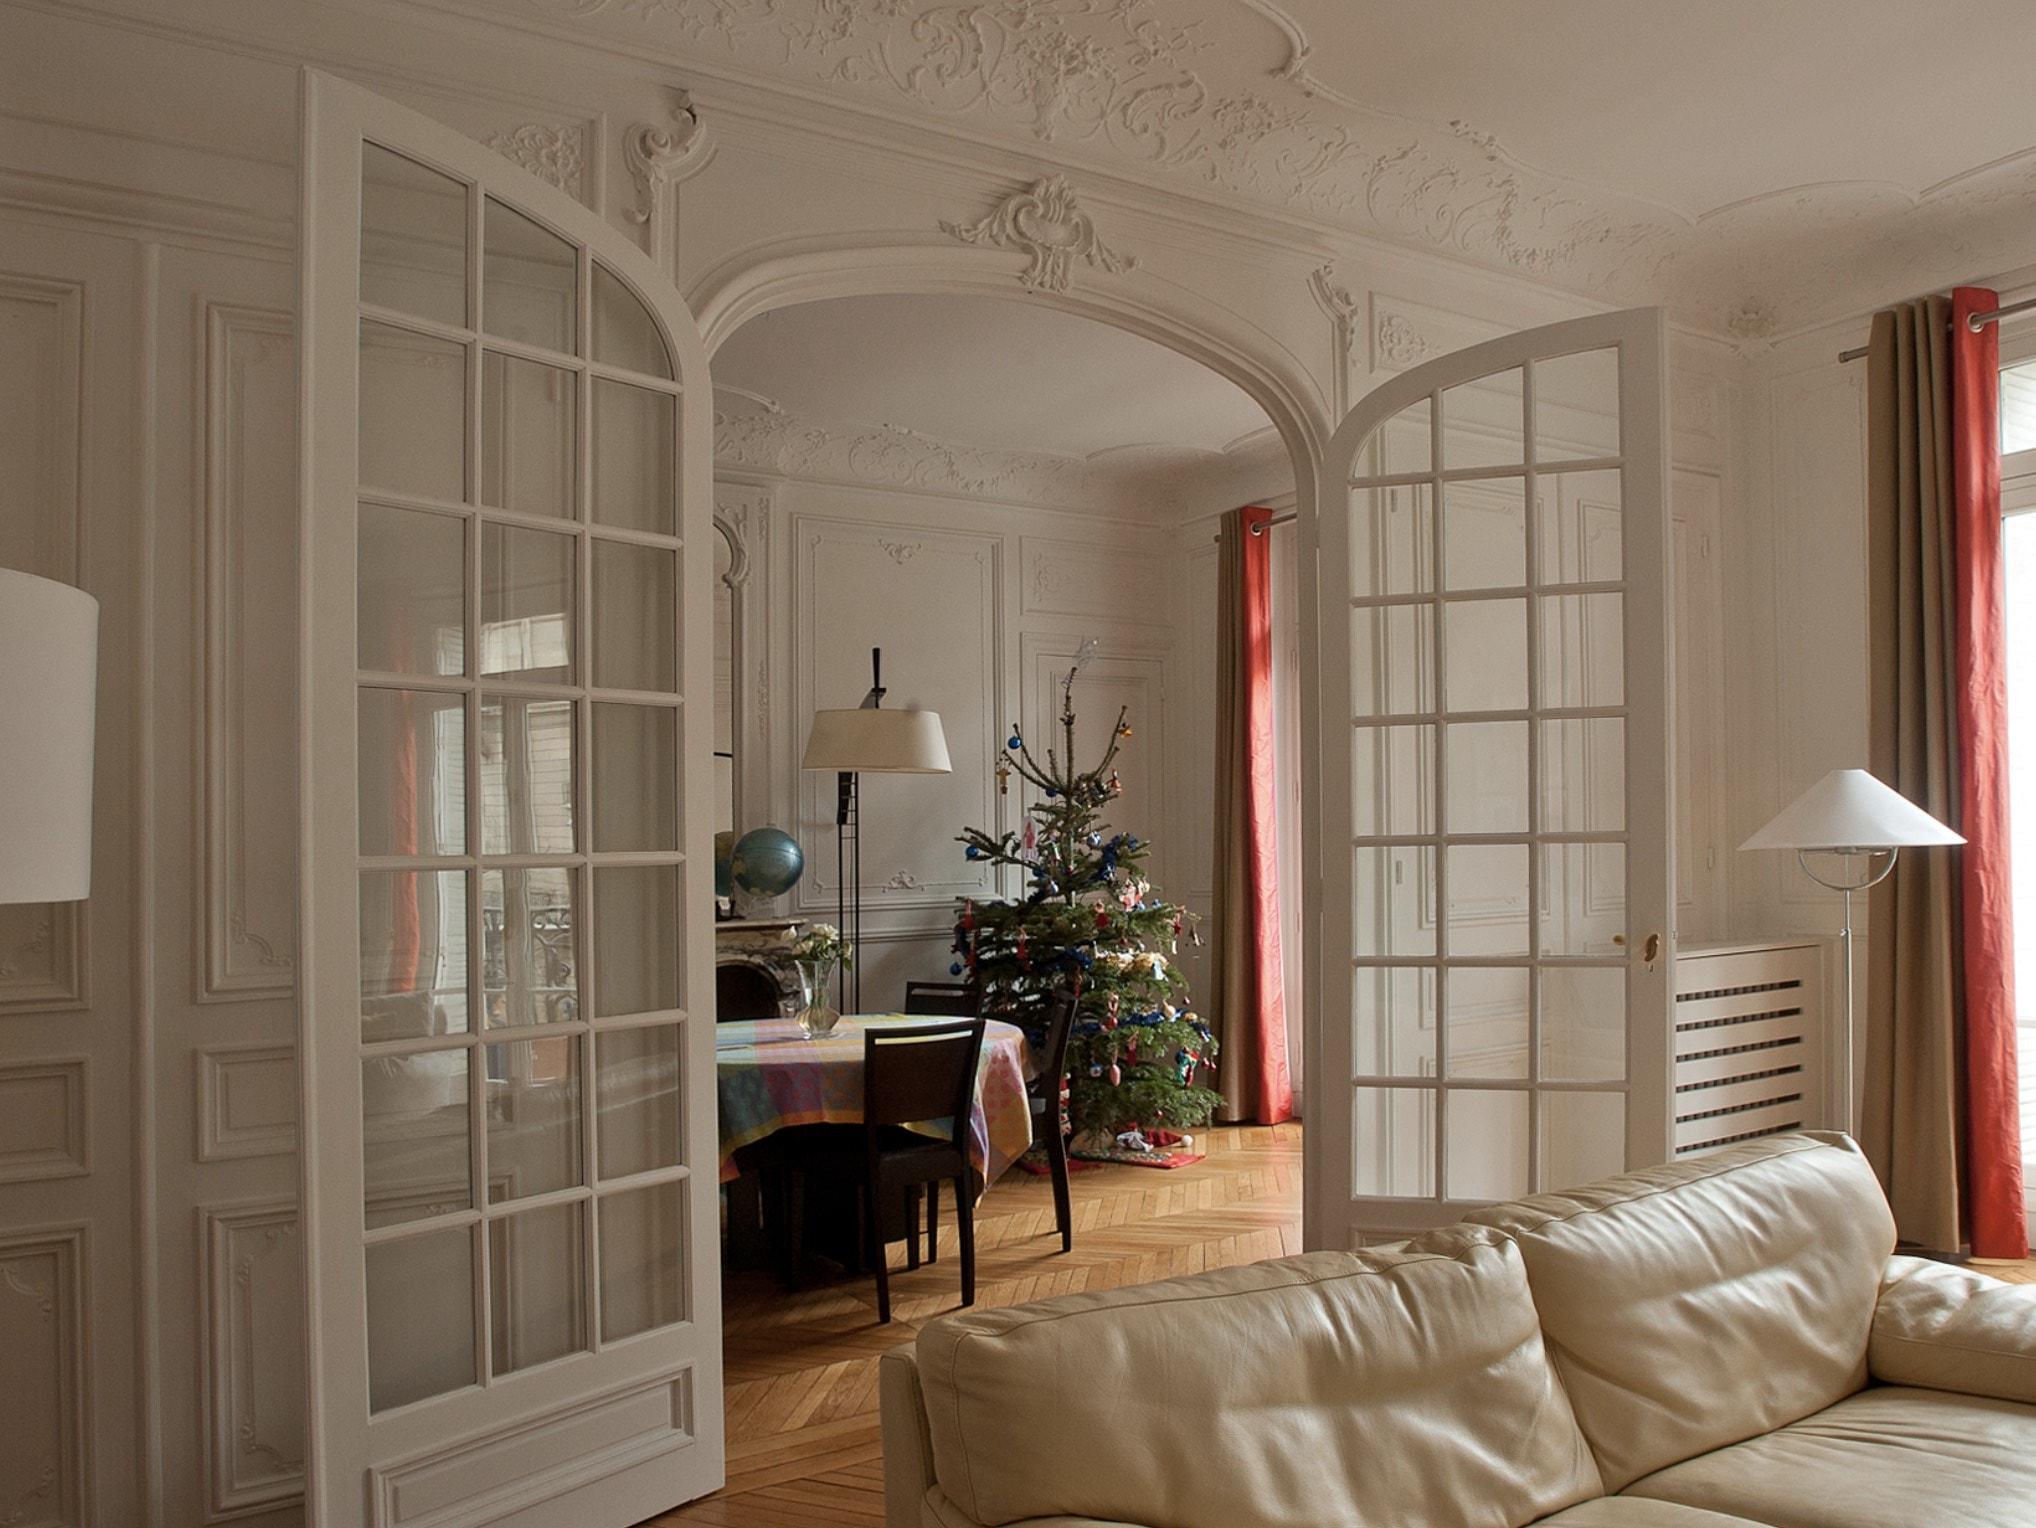 Appartement haussmannien ; double porte vitrée, moulures, parquet d'origine